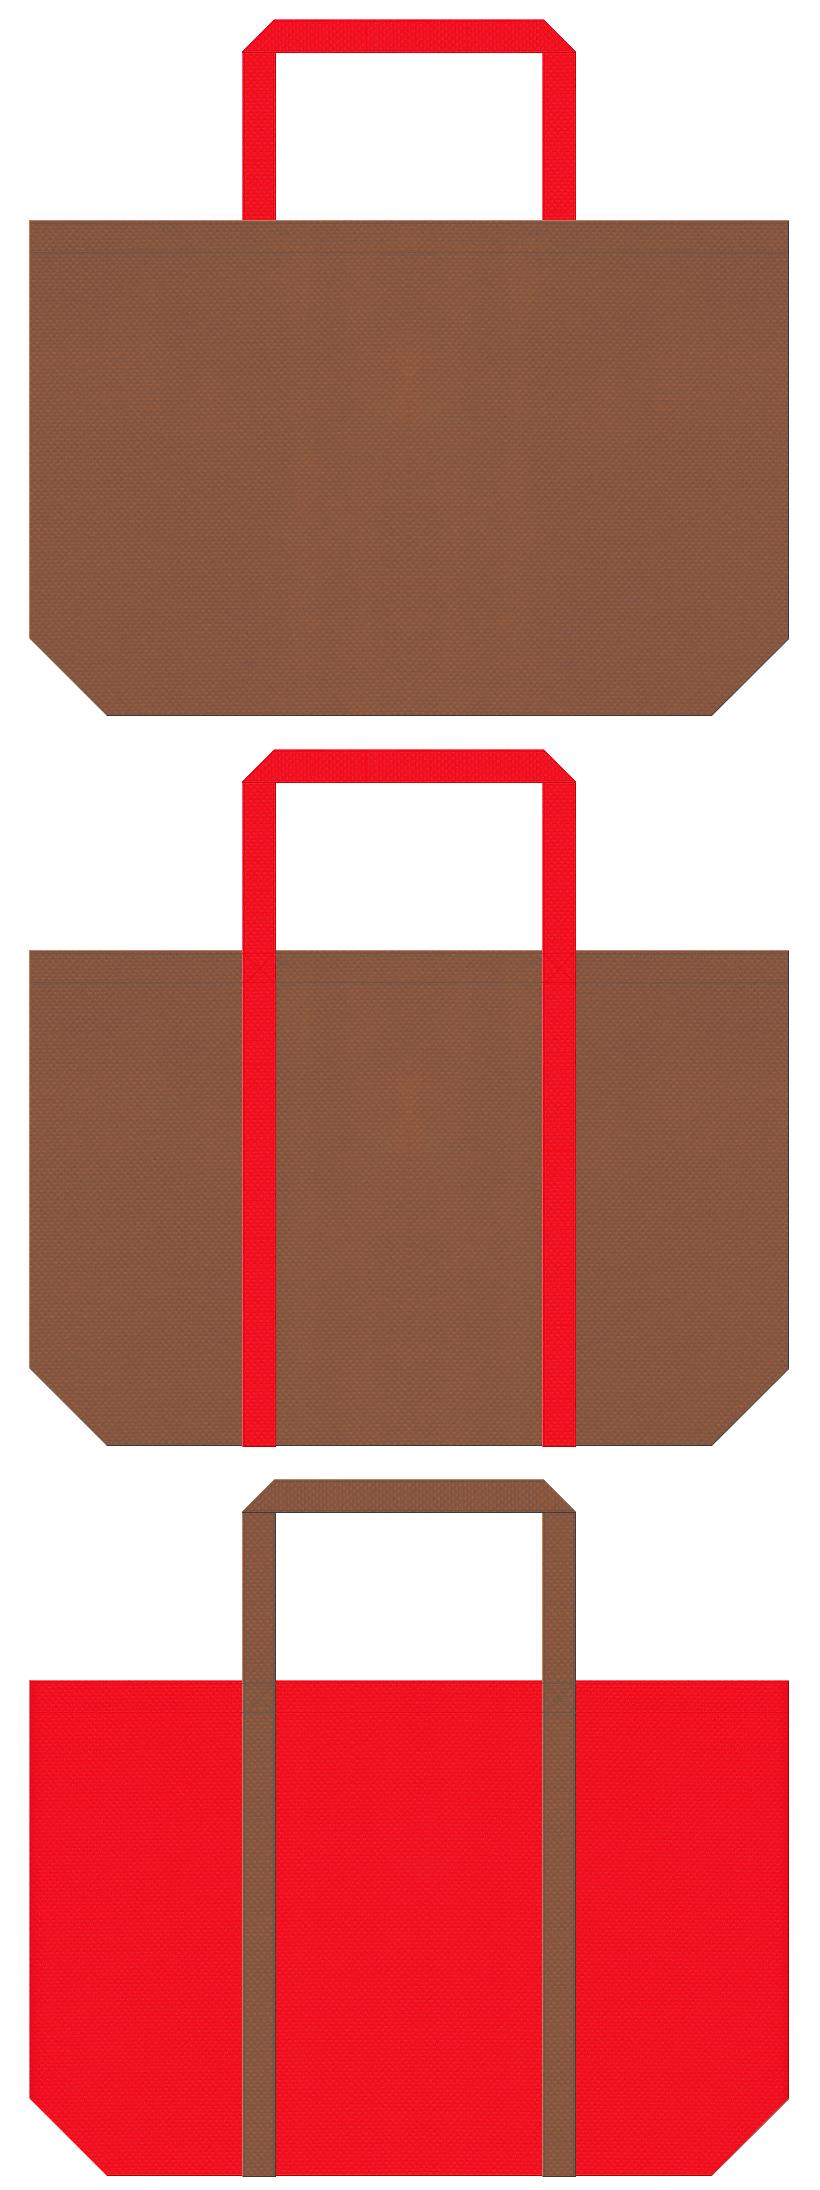 茶色と赤色の不織布ショッピングバッグデザイン。暖炉イメージで、住宅展示場のノベルティや暖房器具の展示会用バッグにお奨めです。